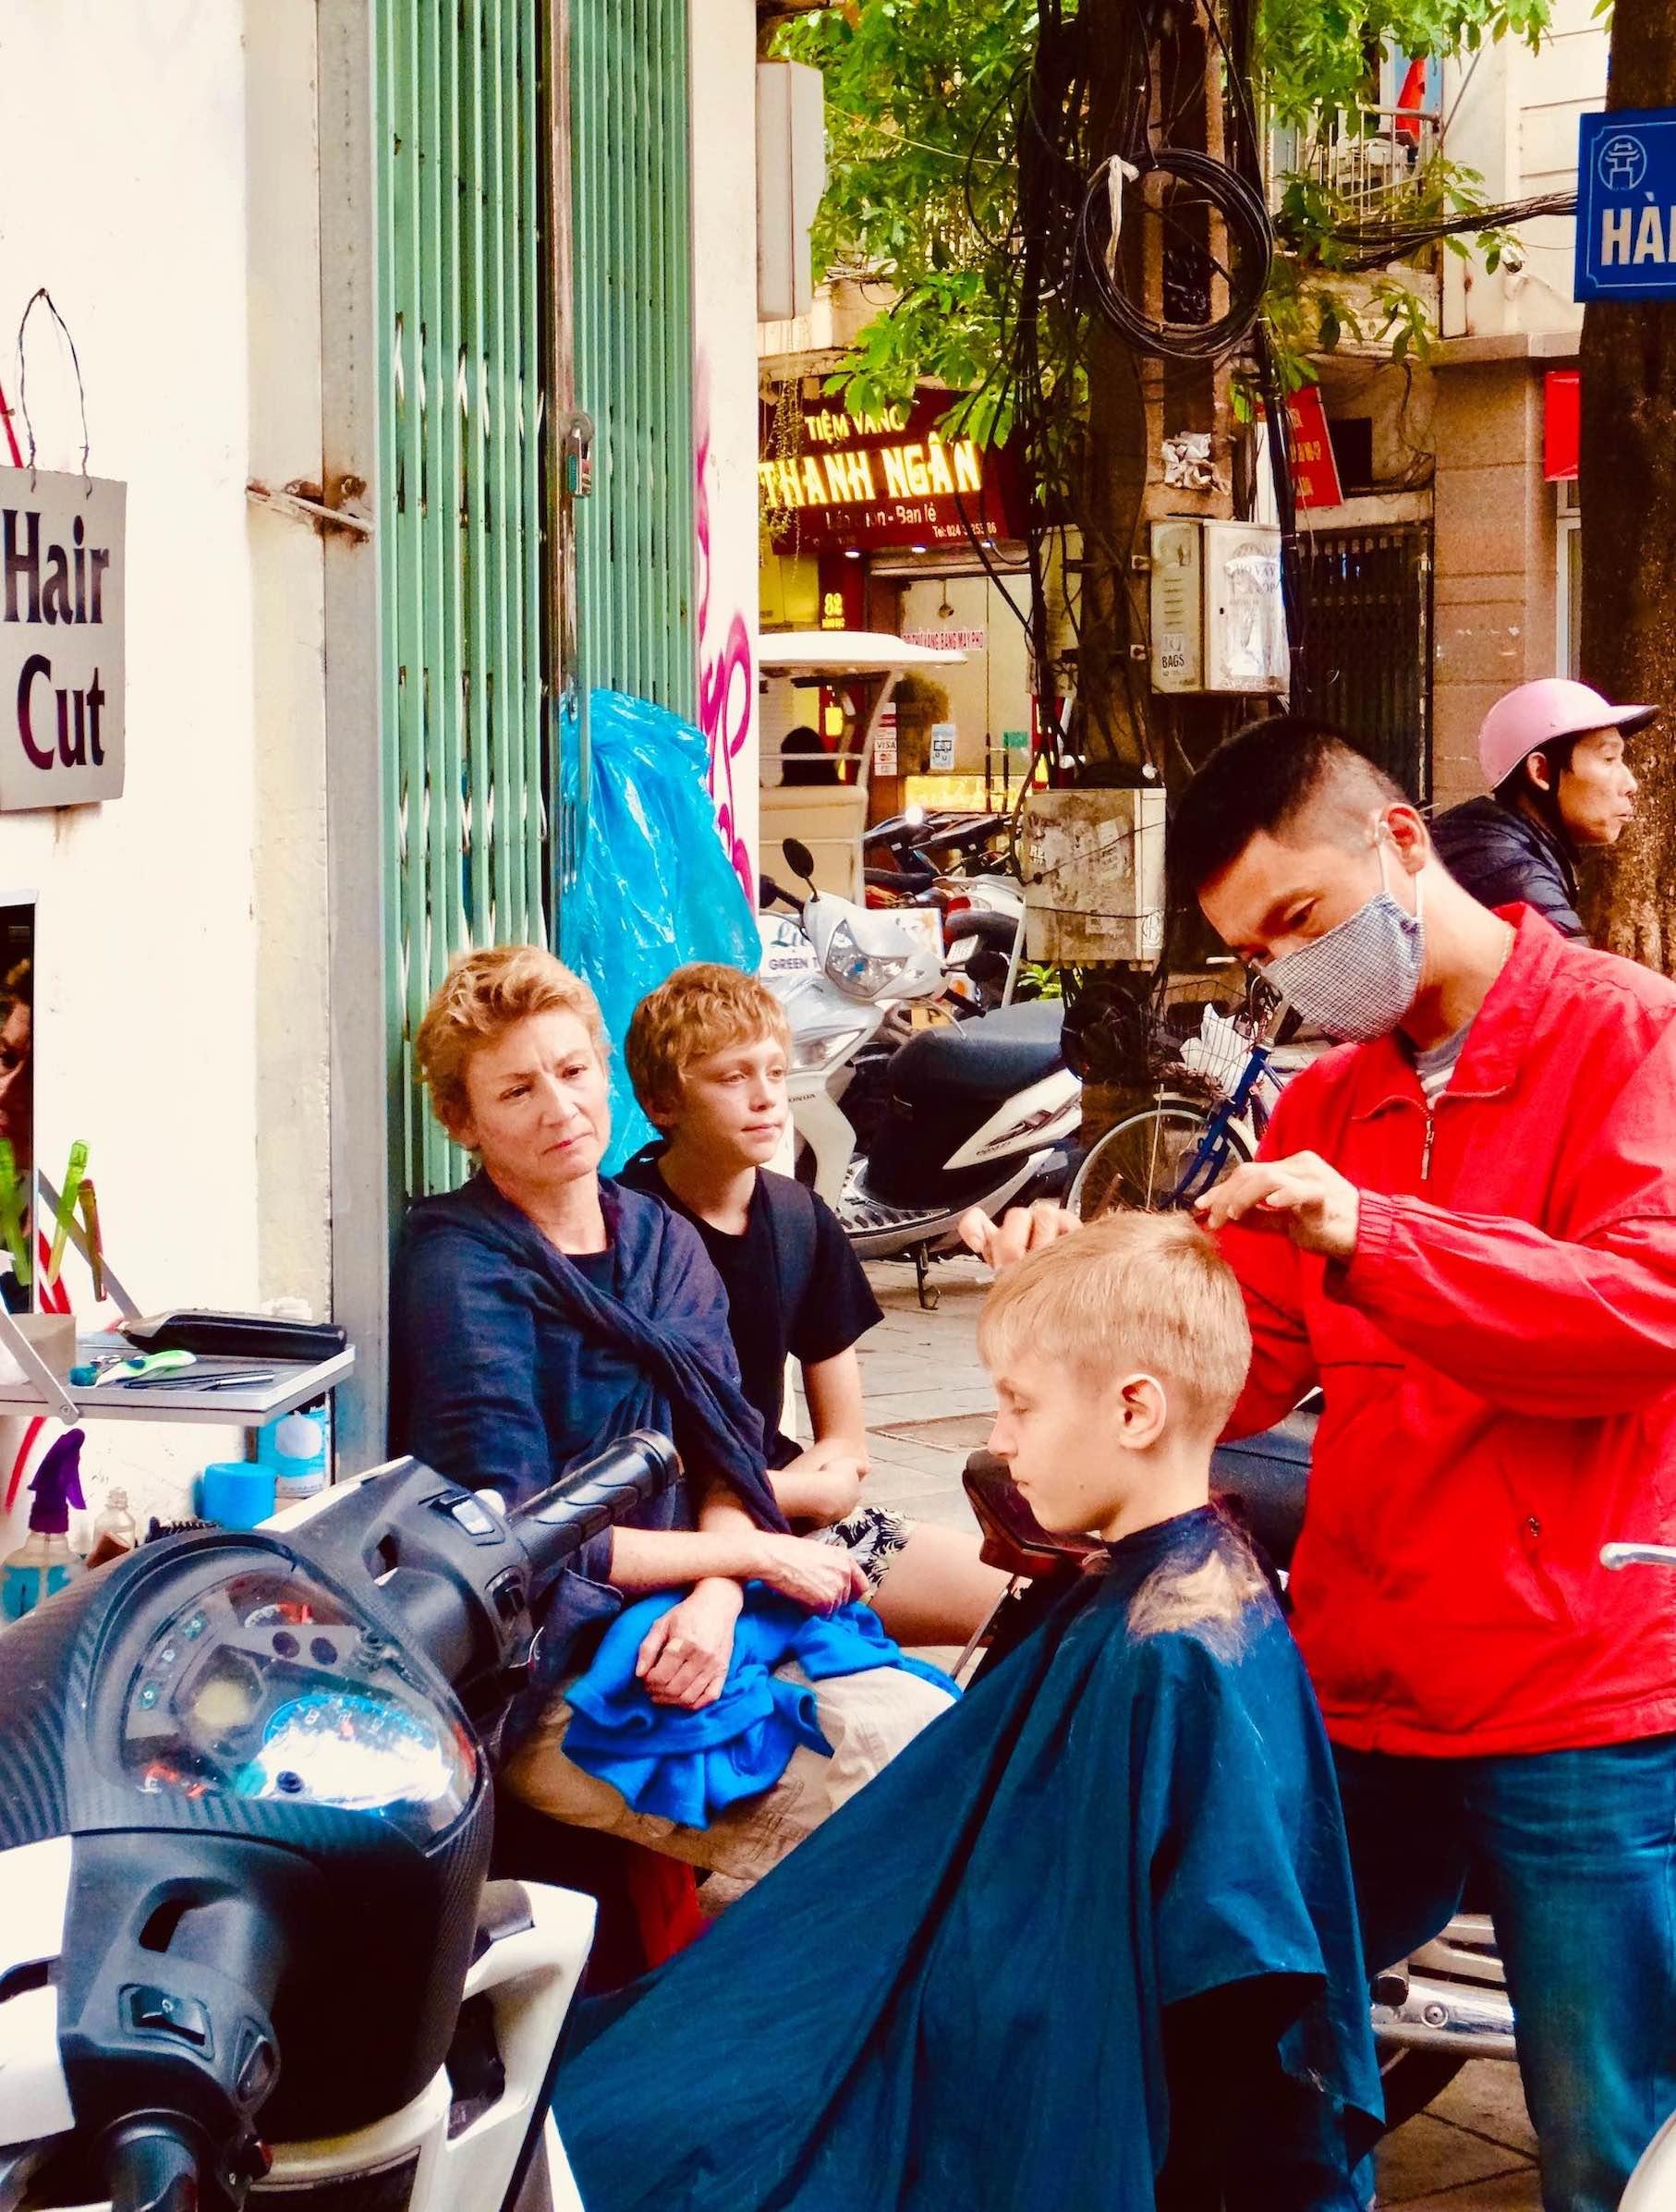 Street hairdresser Hanoi Old Quarter.